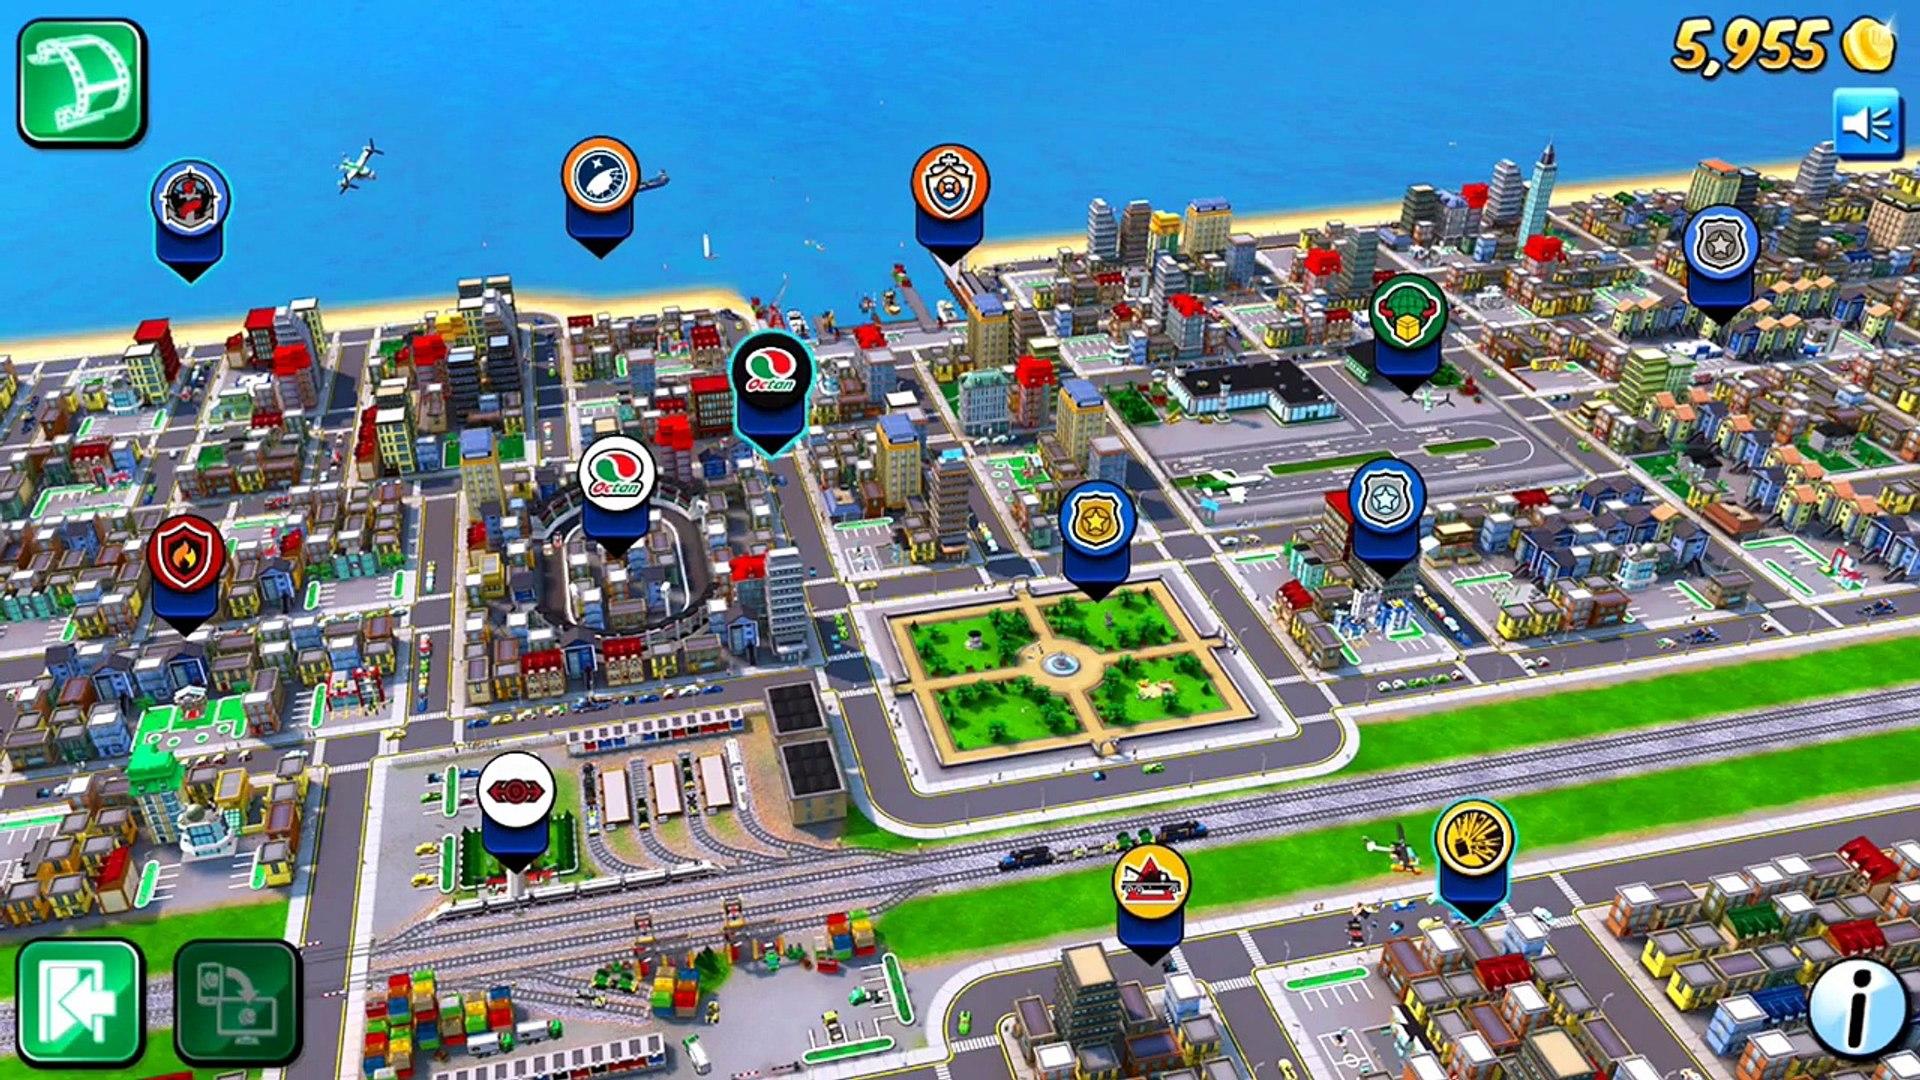 Игра Lego City - My City обзор и прохождение на русском языке. Играем на Айфоне